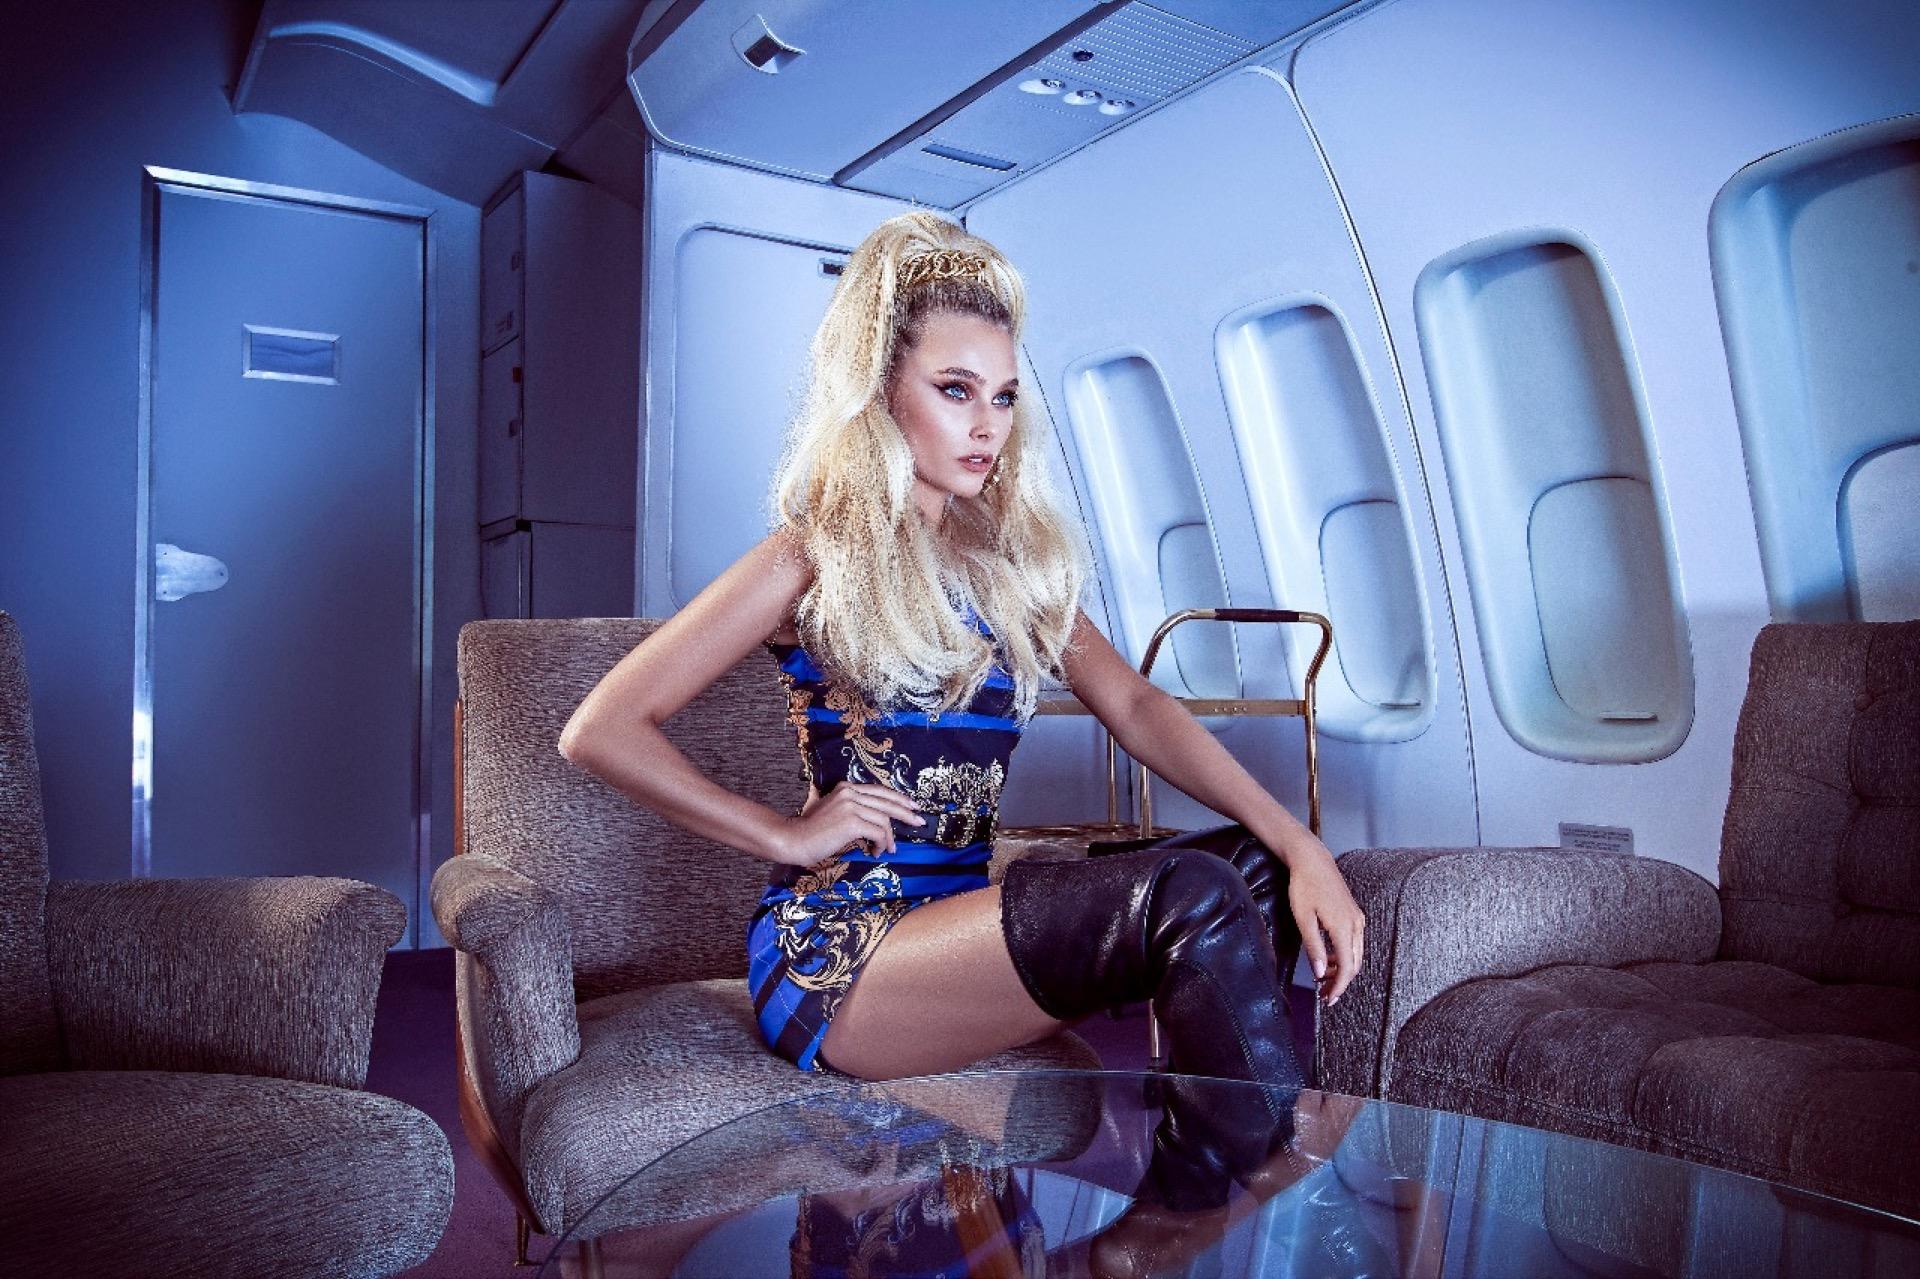 Las fotos se tomaron en el estudio de Machado Cicala donde se montó el interior de un avión como escenografía.